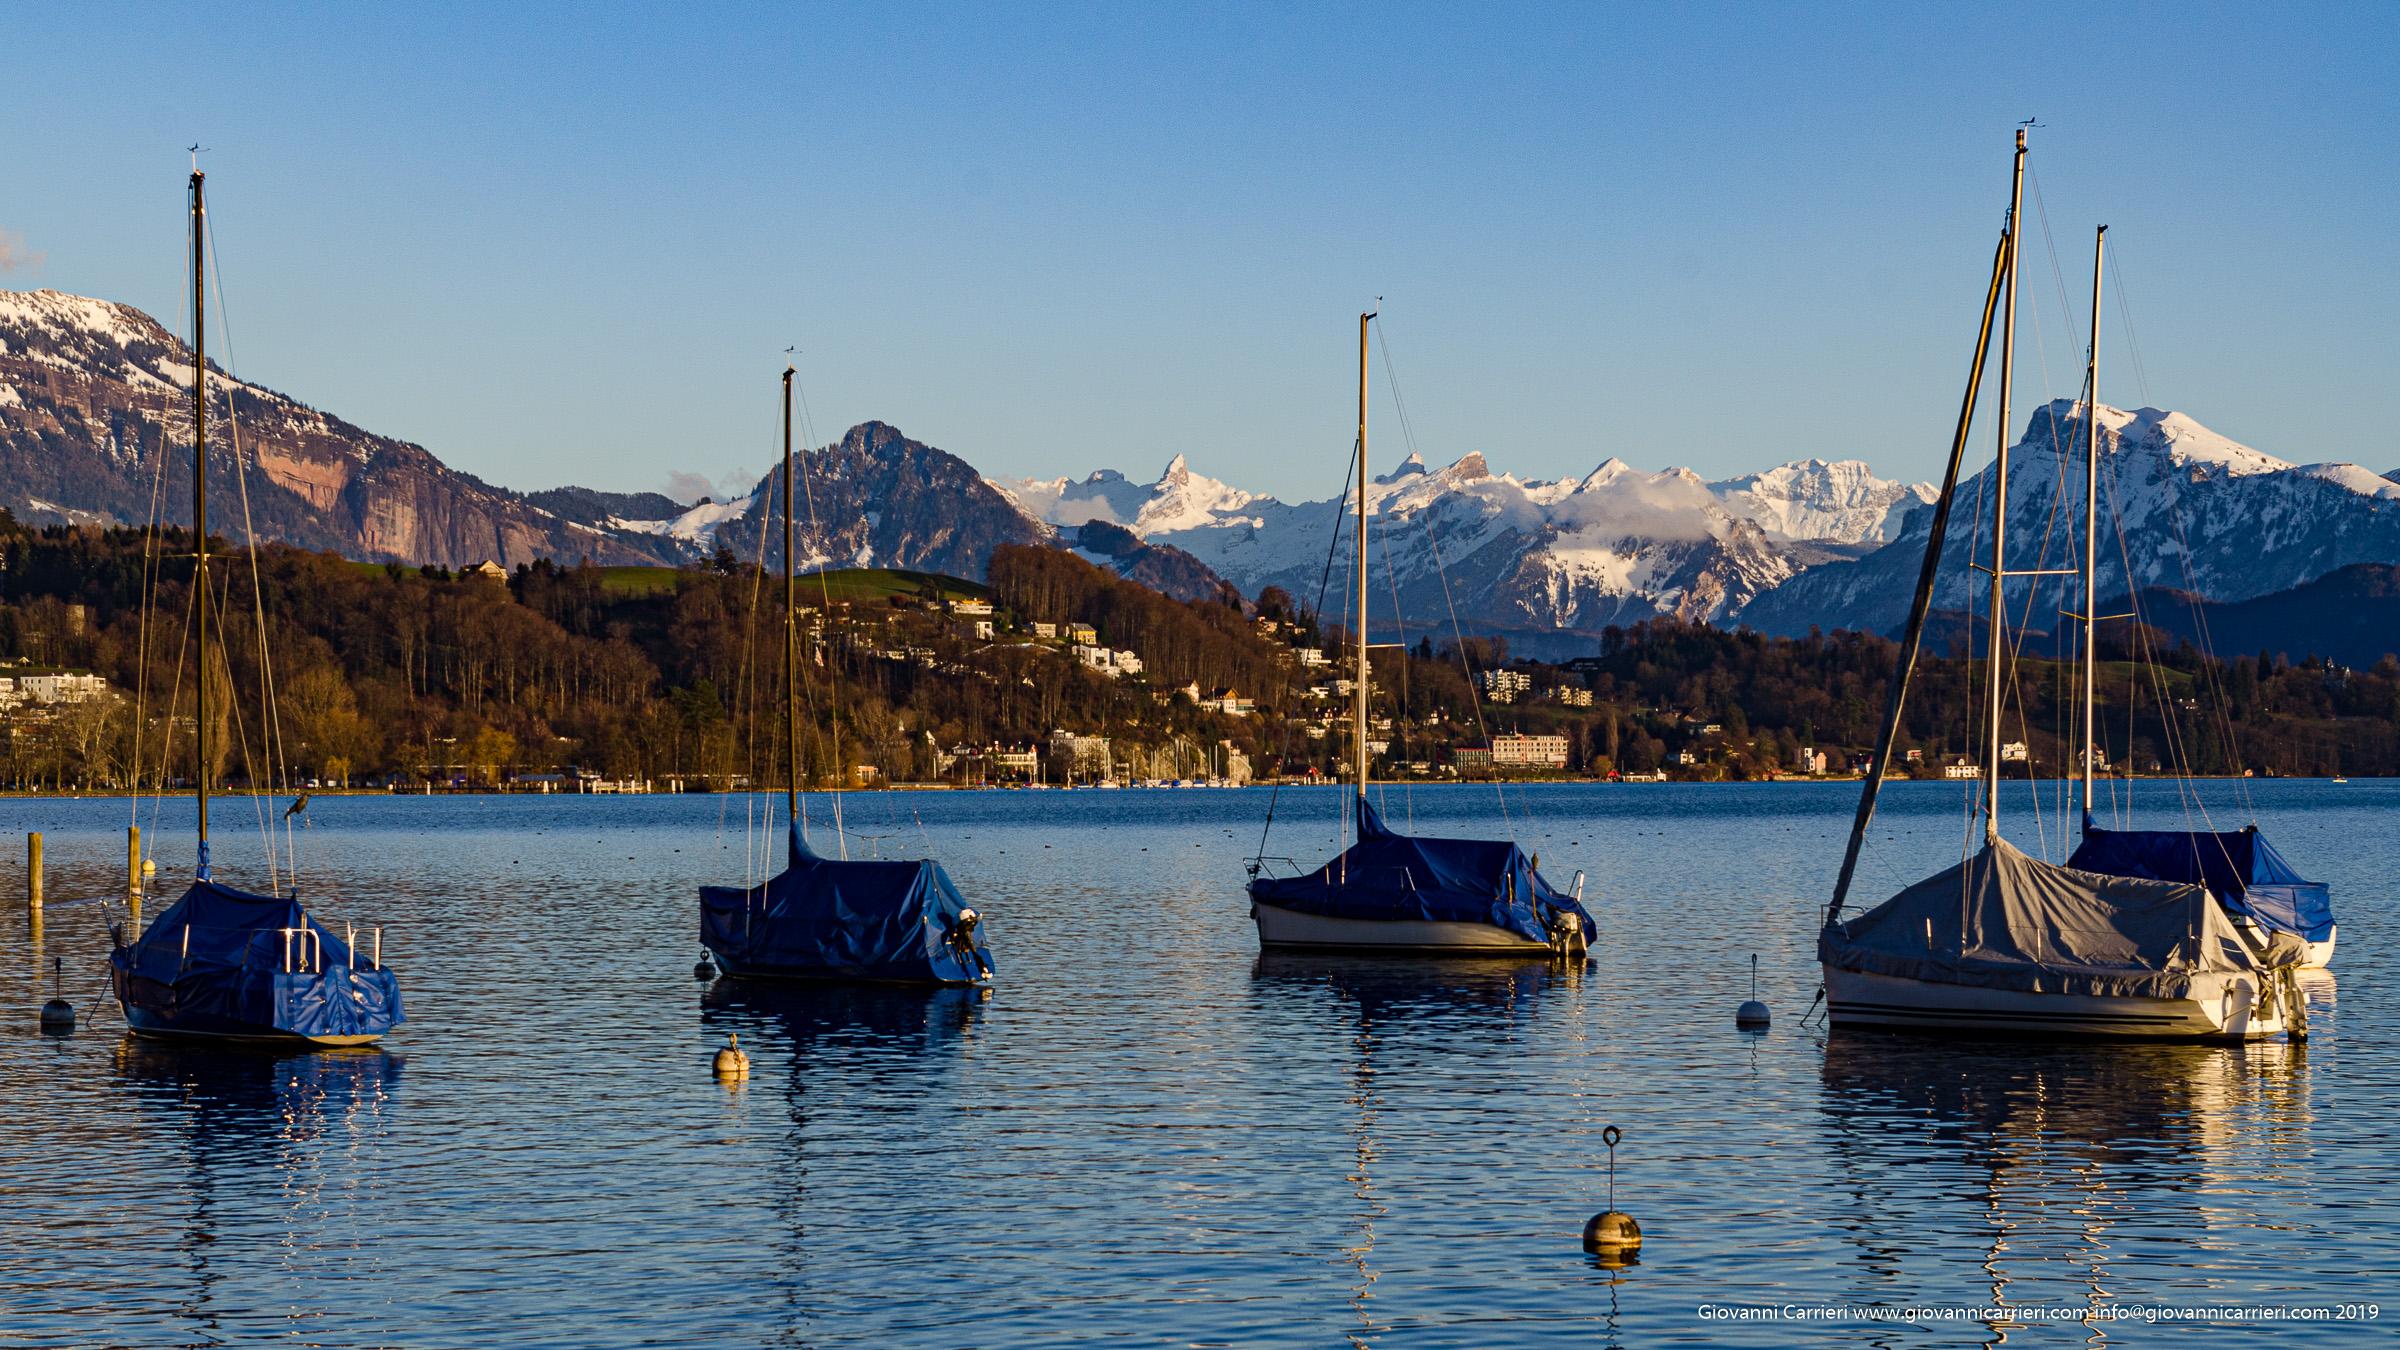 Vista del Lago di Lucerna